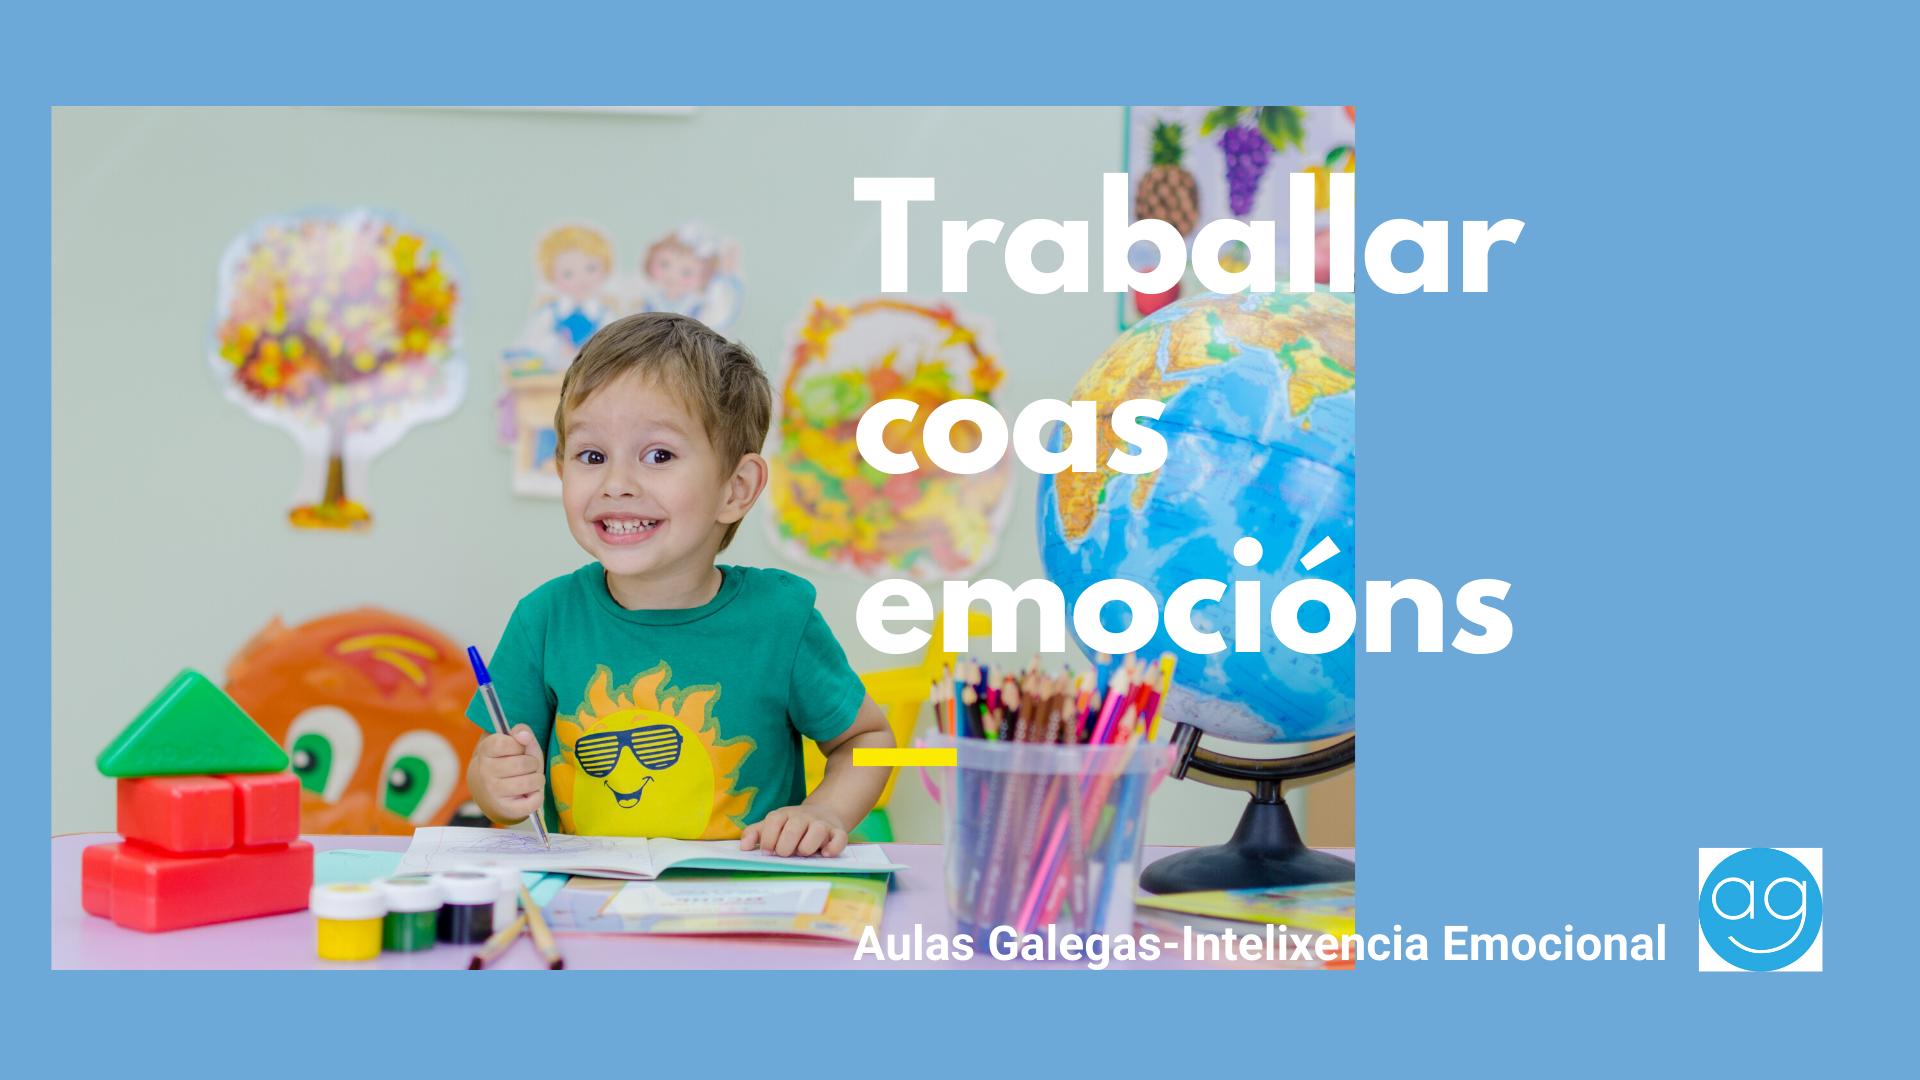 Educación emocional na casa - Aulas Galegas